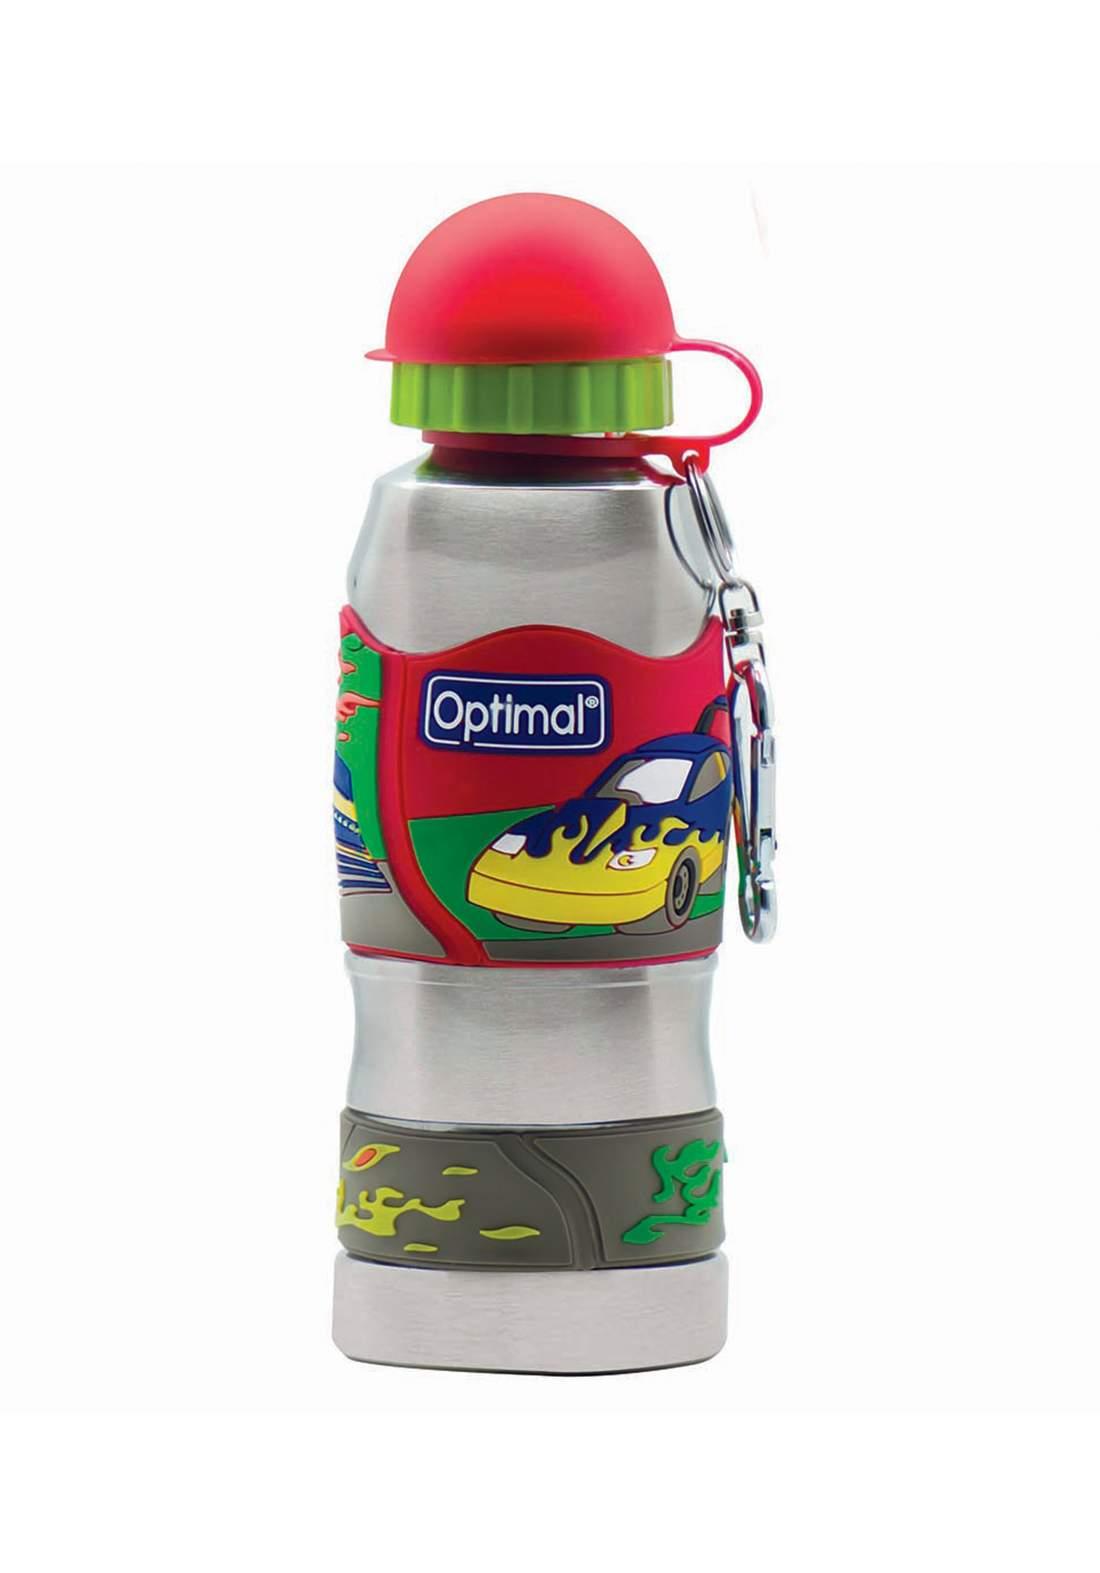 Optimal stainless steel water bottle 450ml (+12)  multicolour مطارة شرب الماء مع غطاء للاطفال